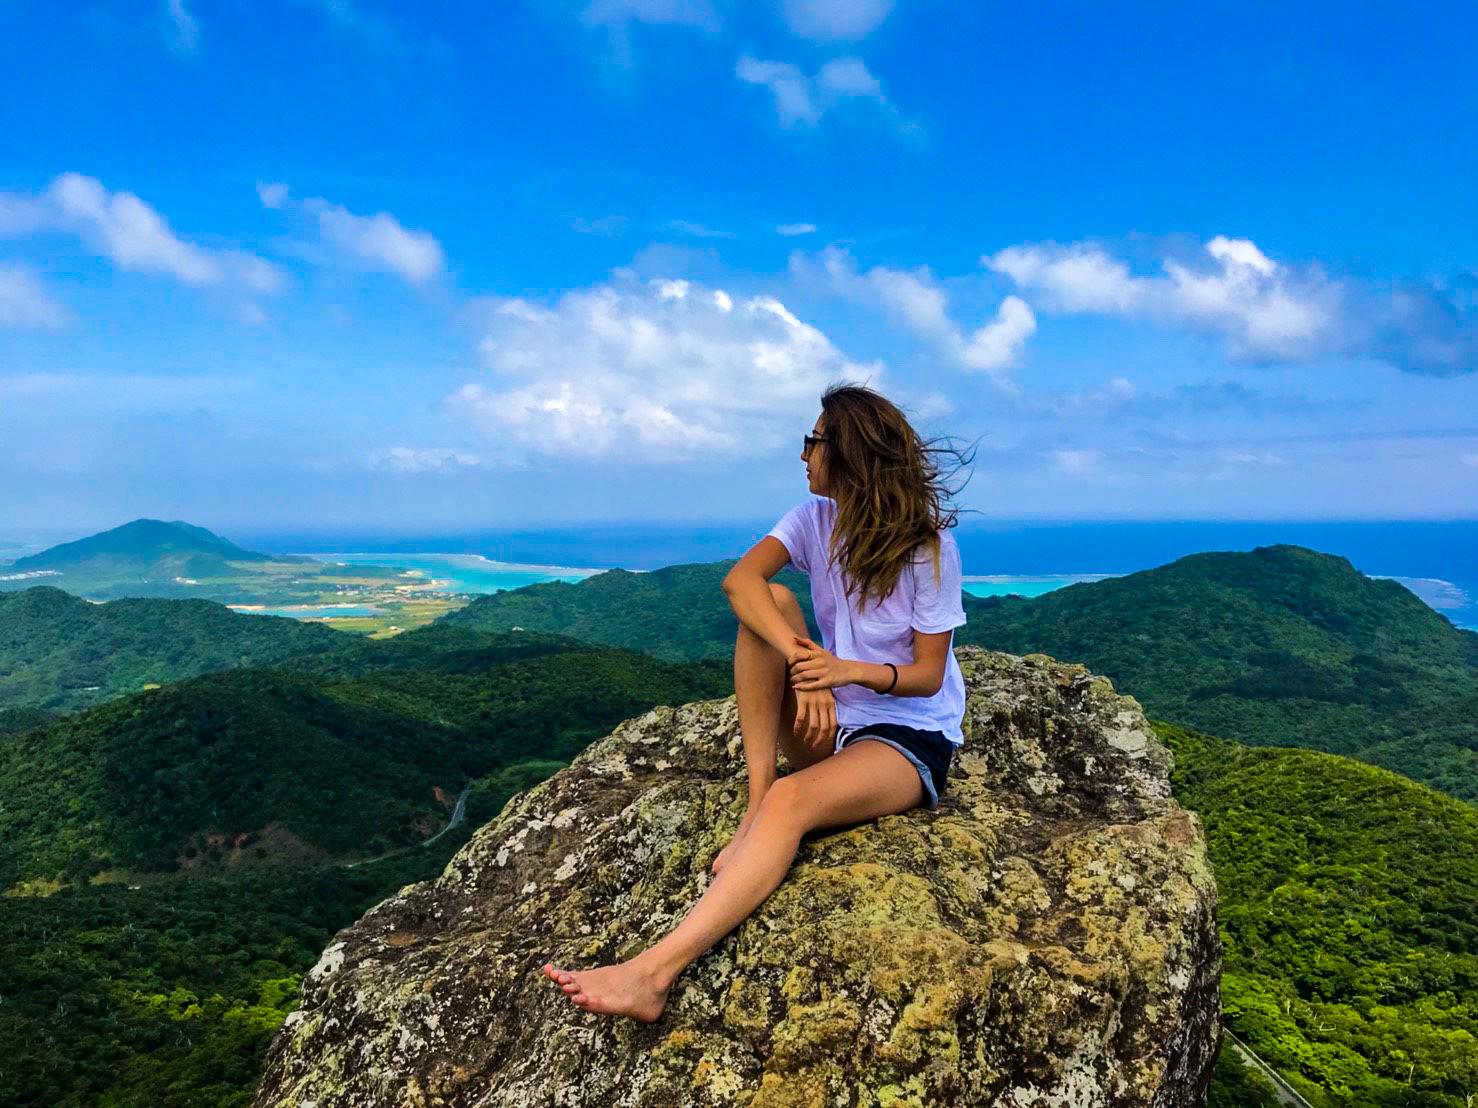 山頂の岩の上で休憩する女性